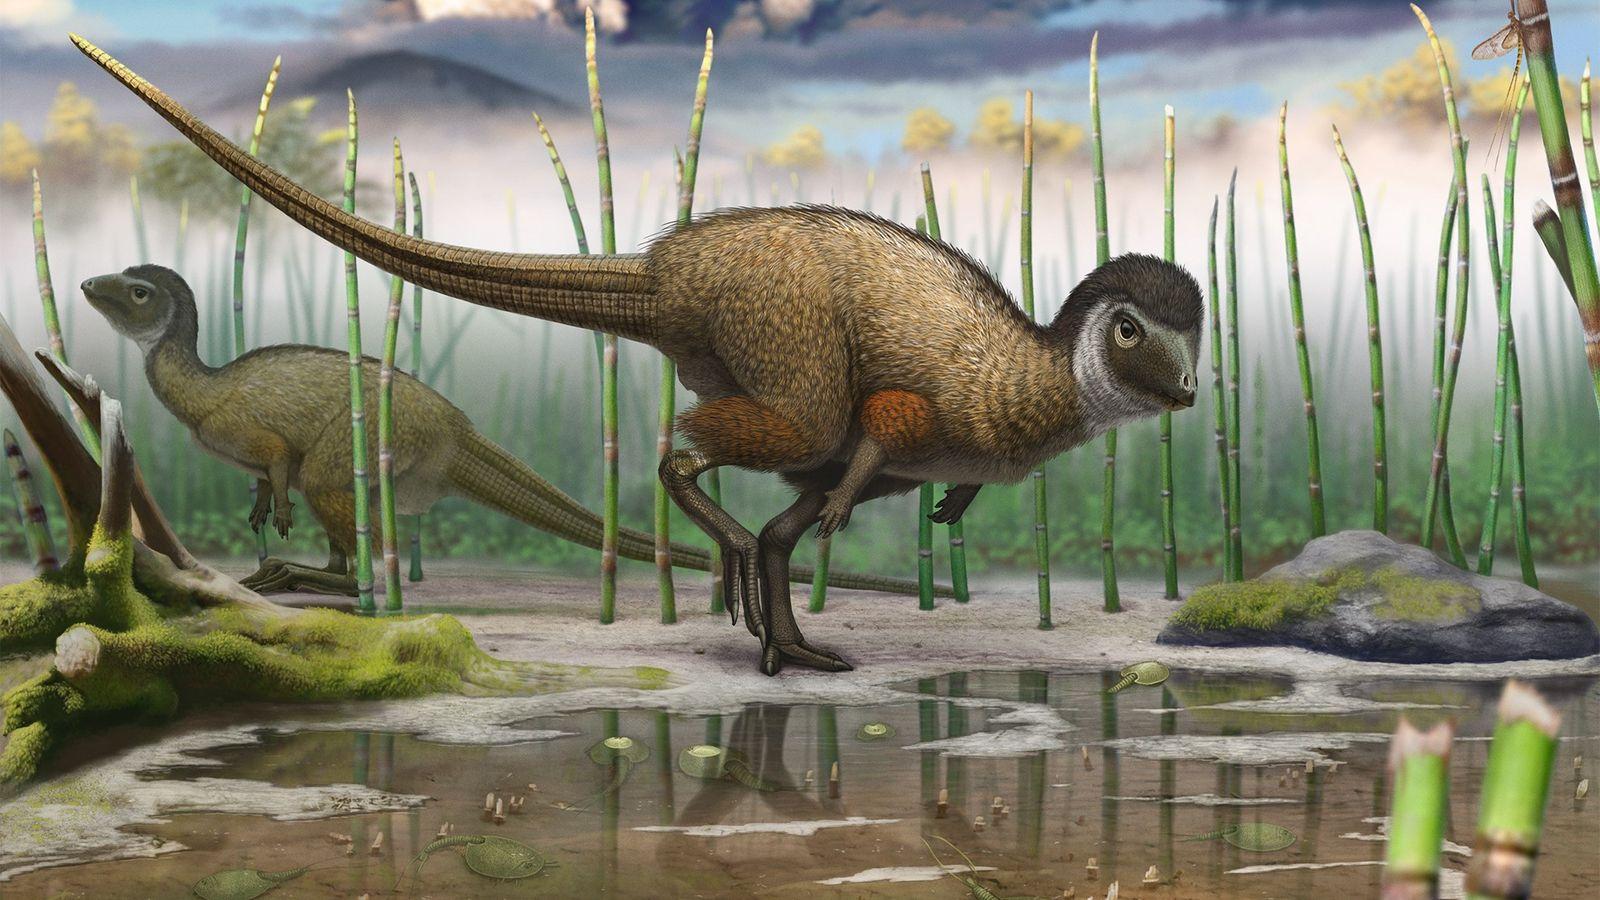 Kulindadromeus dinossauro emplumado penas